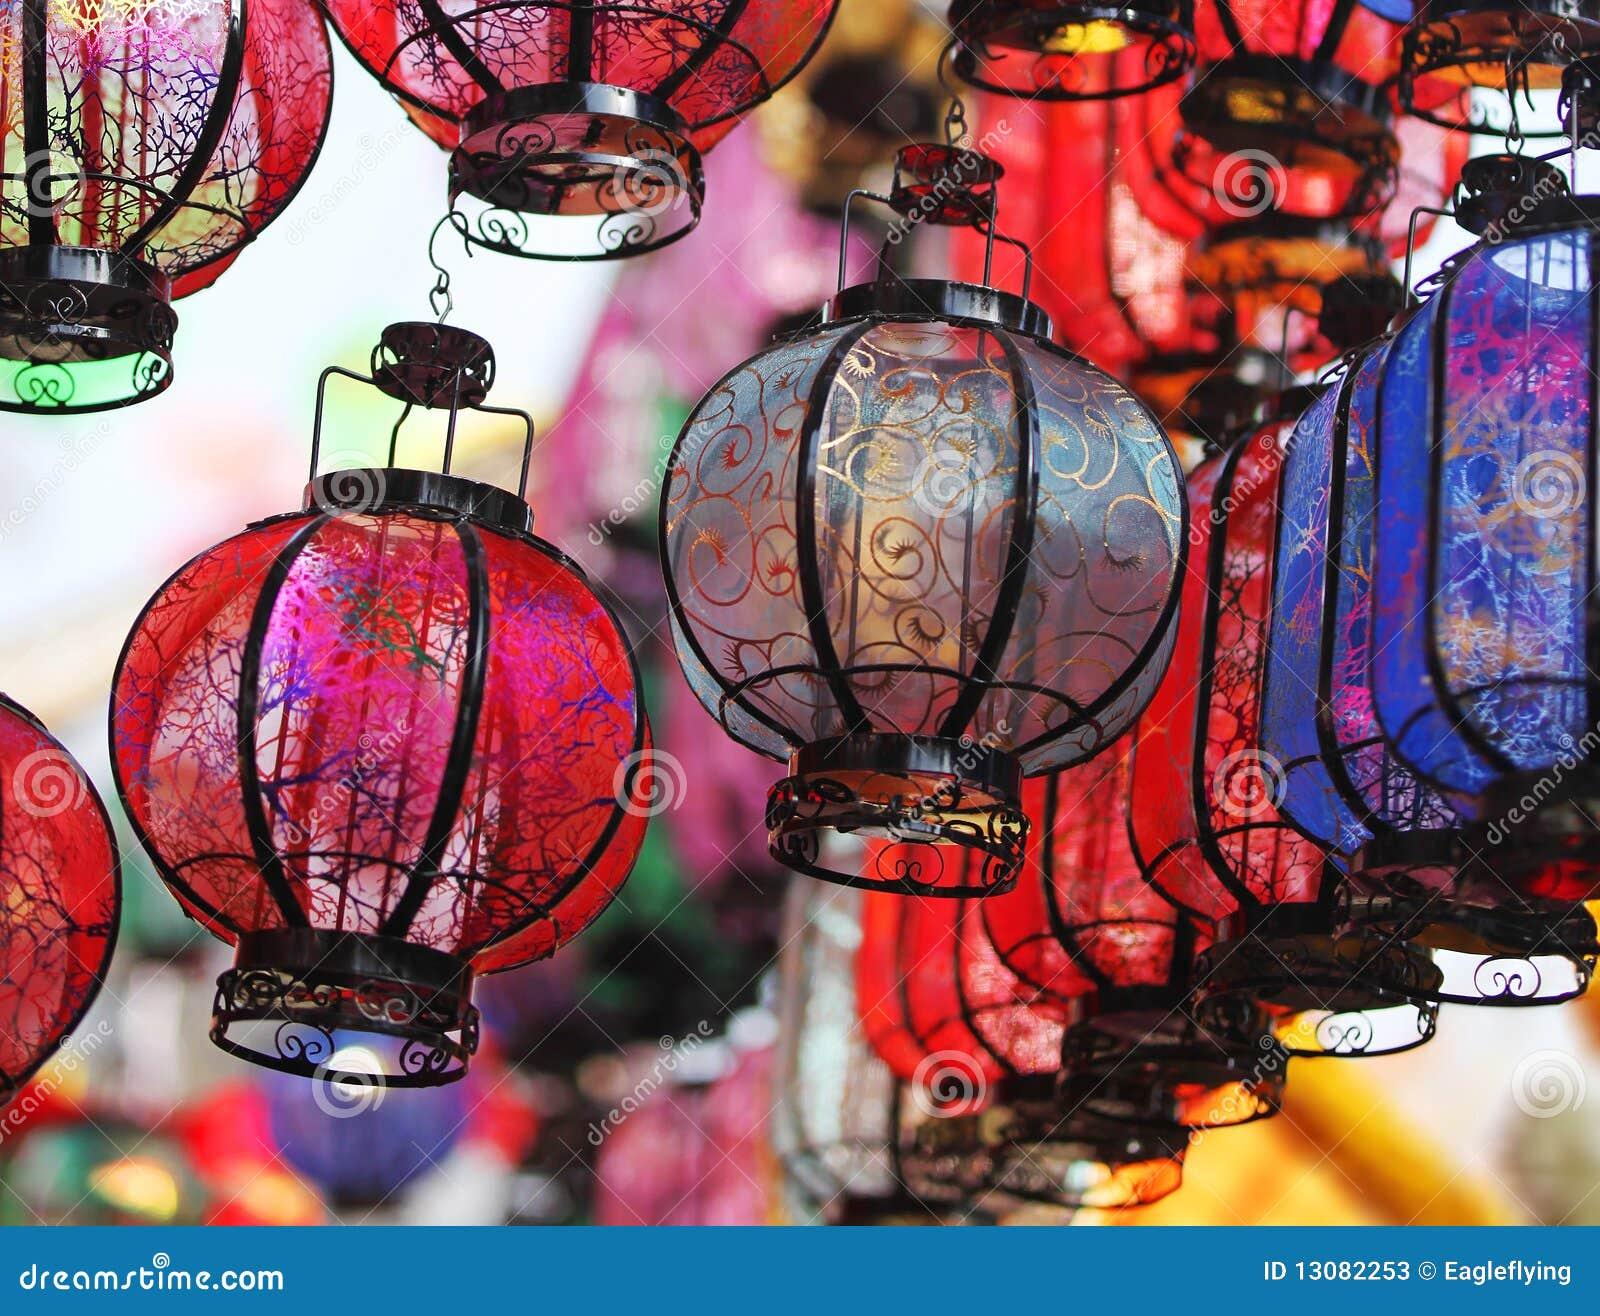 Heldere Chinese lantaarns